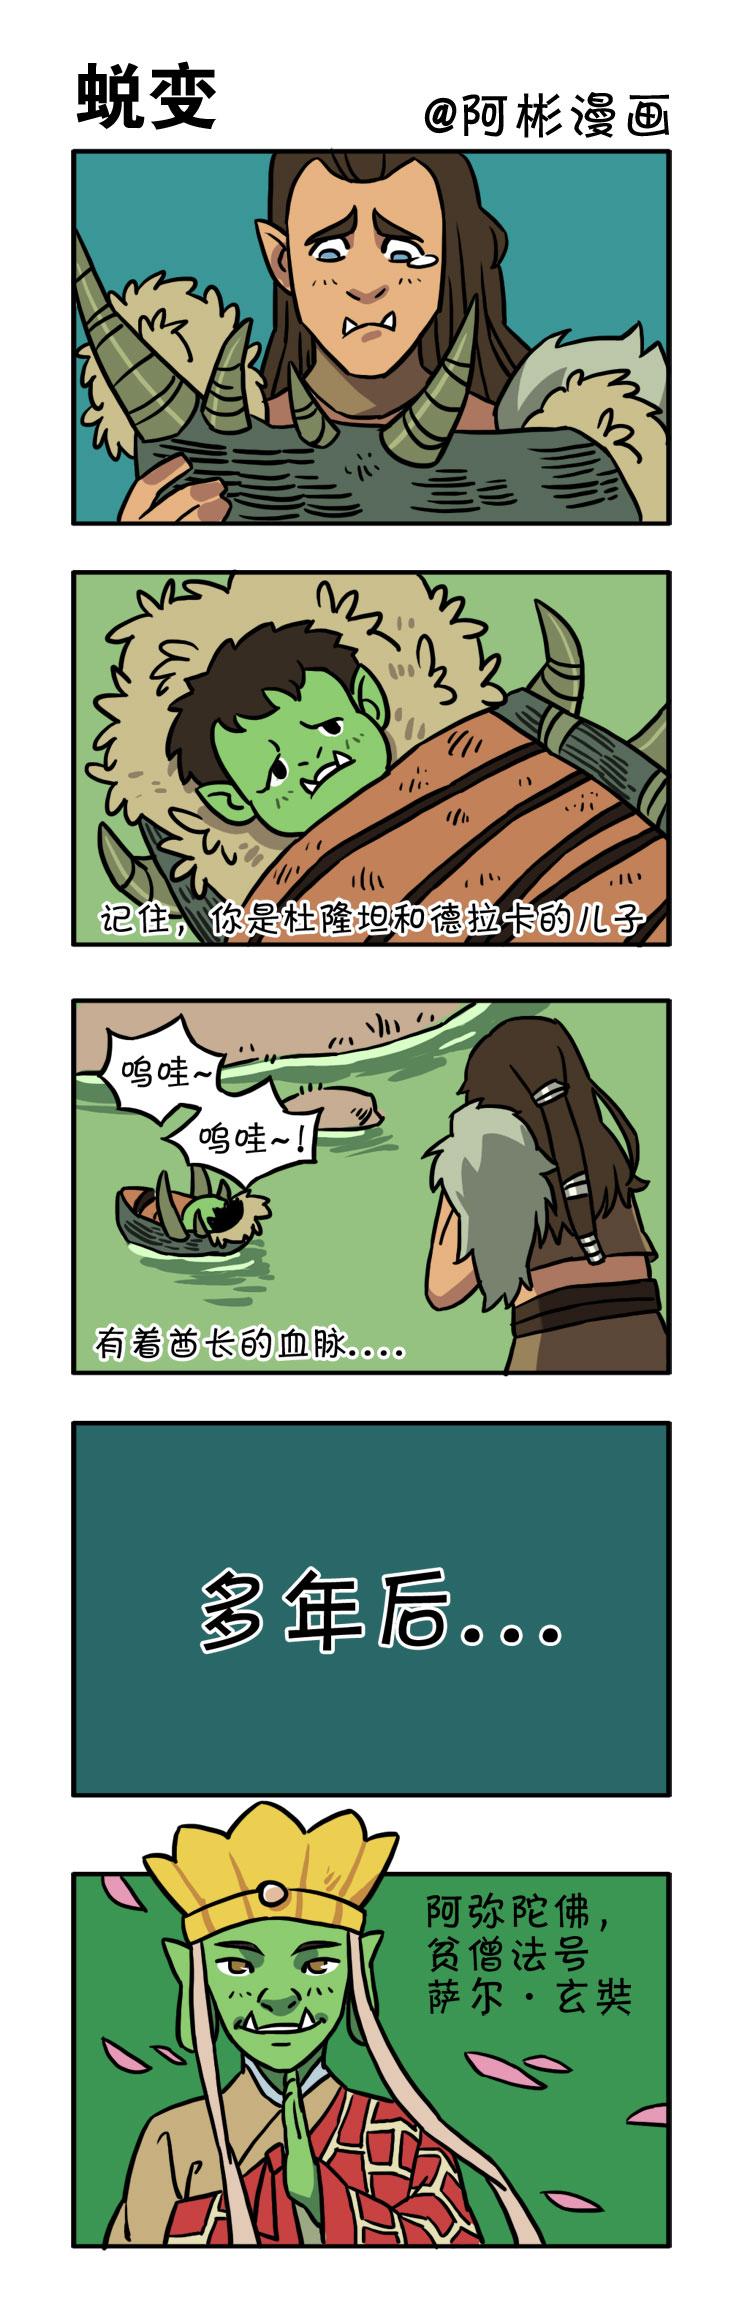 查看《【电影漫漫看】魔兽系列②》原图,原图尺寸:750x2322